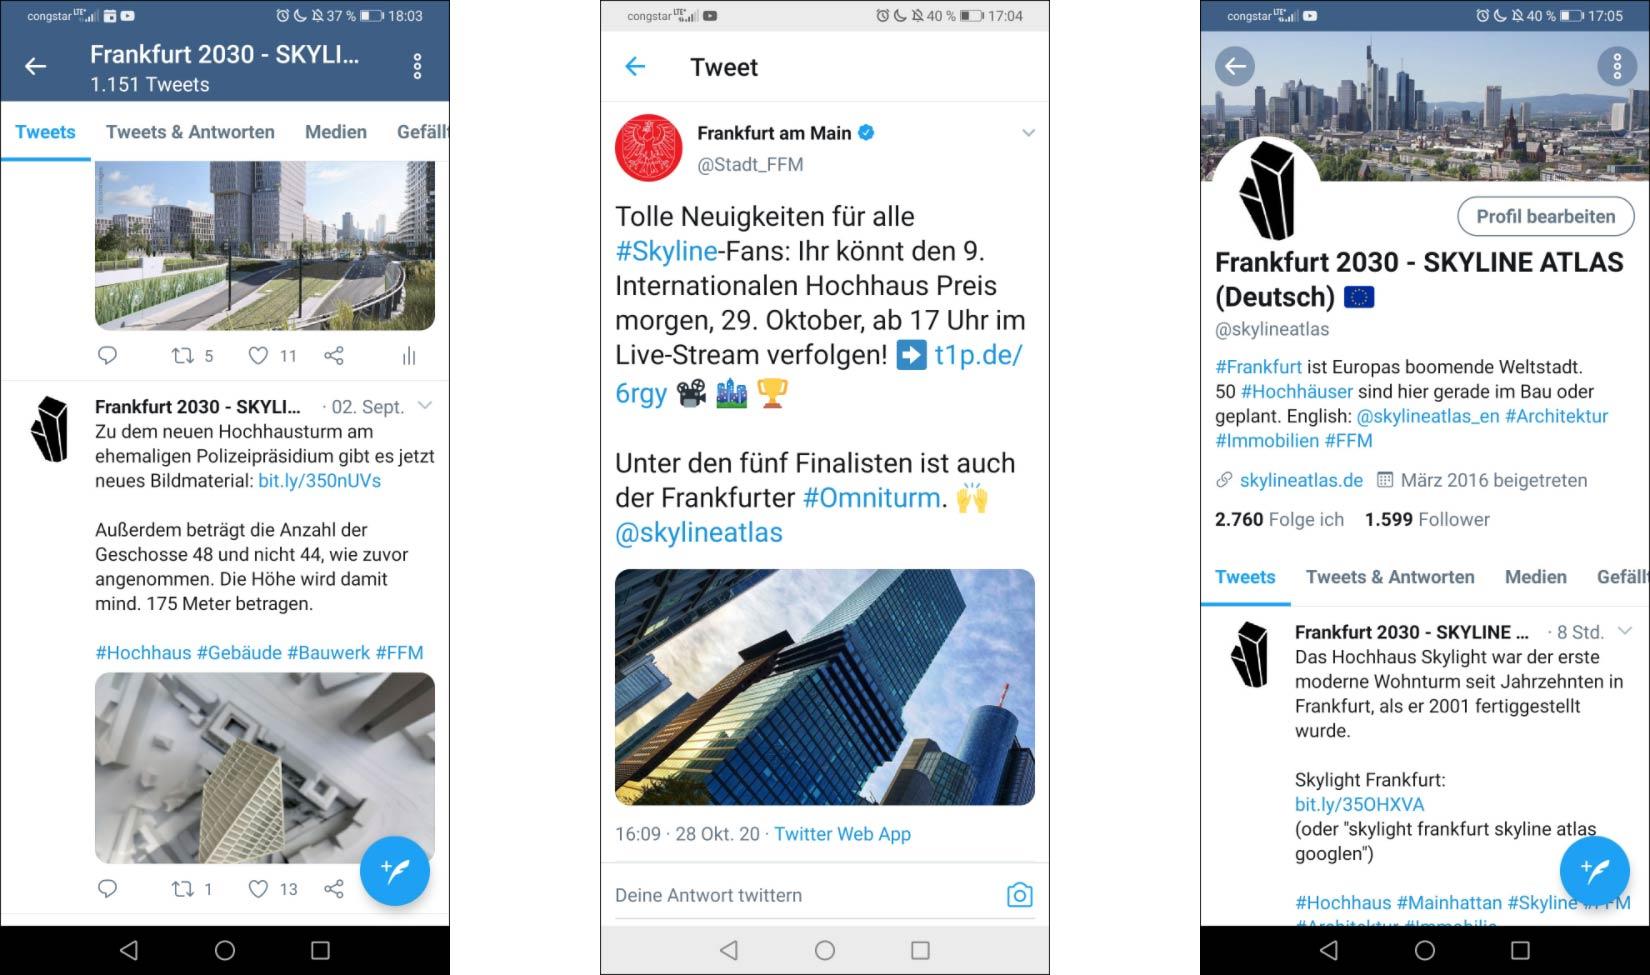 SKYLINE ATLAS Frankfurt - Social Media